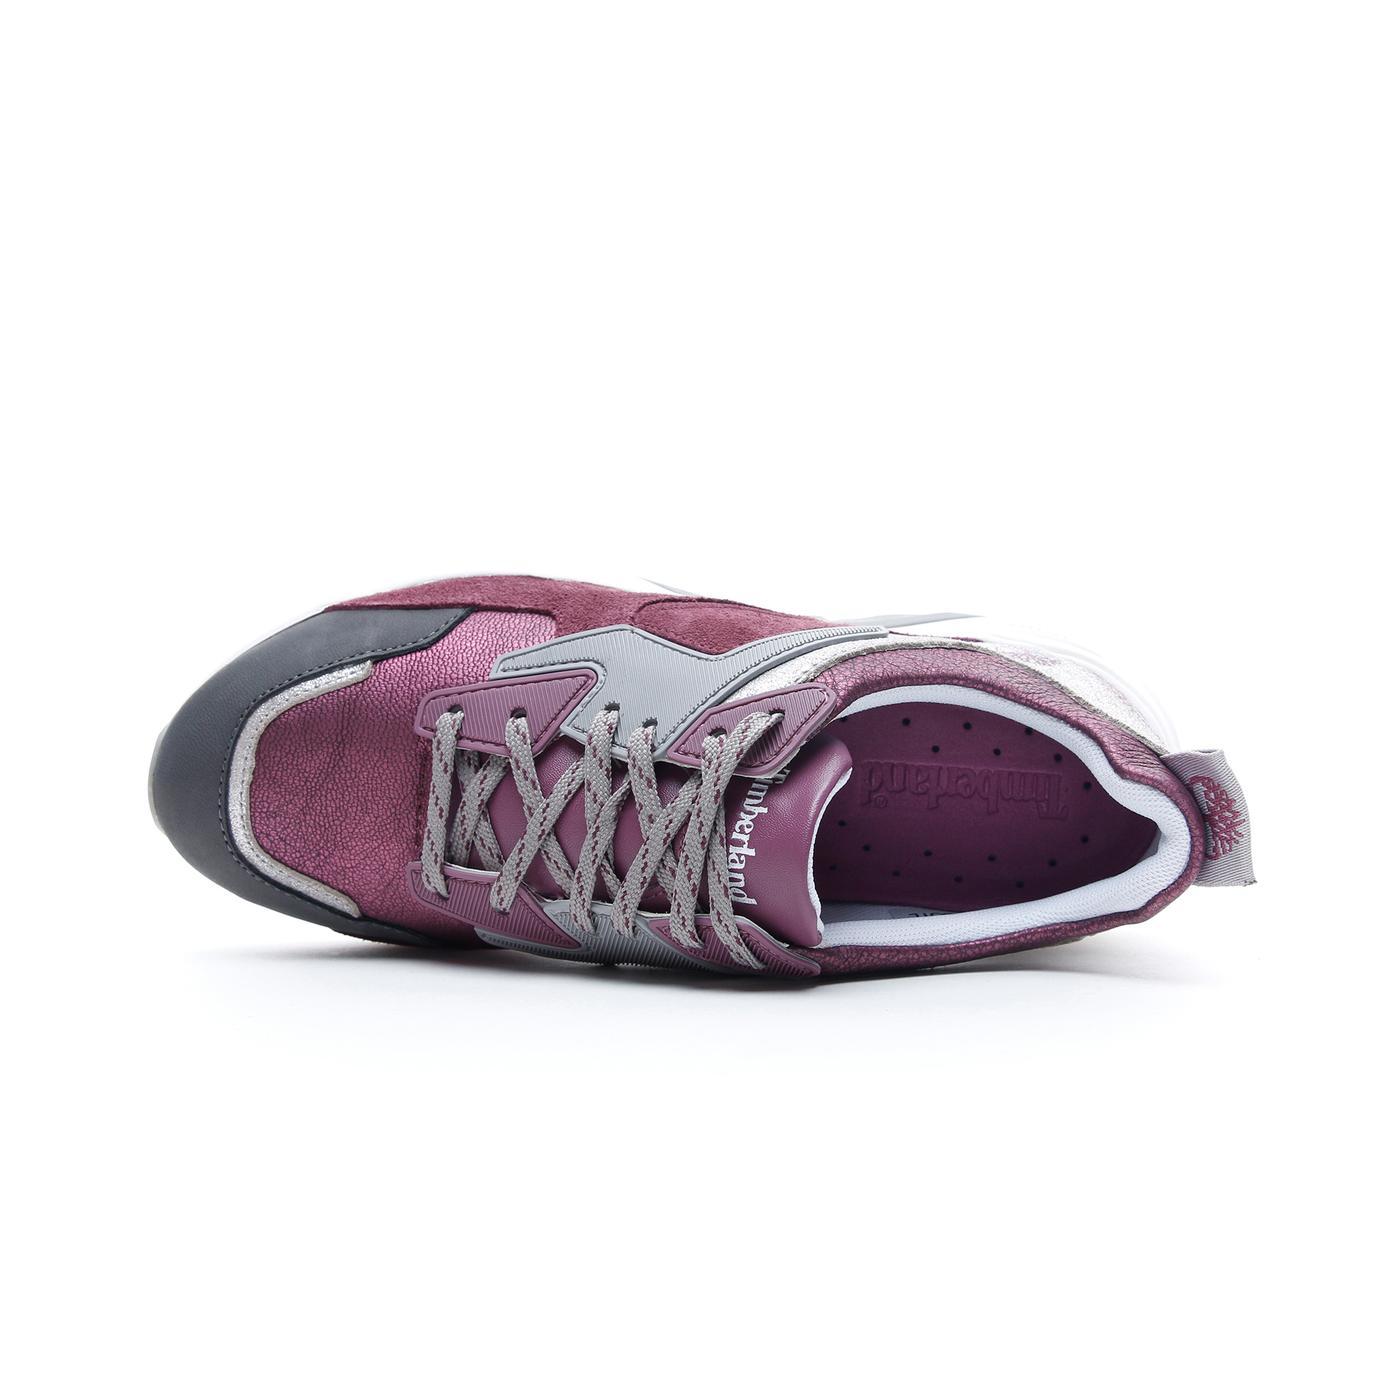 Timberland Delphiville Pembe Kadın Spor Ayakkabı